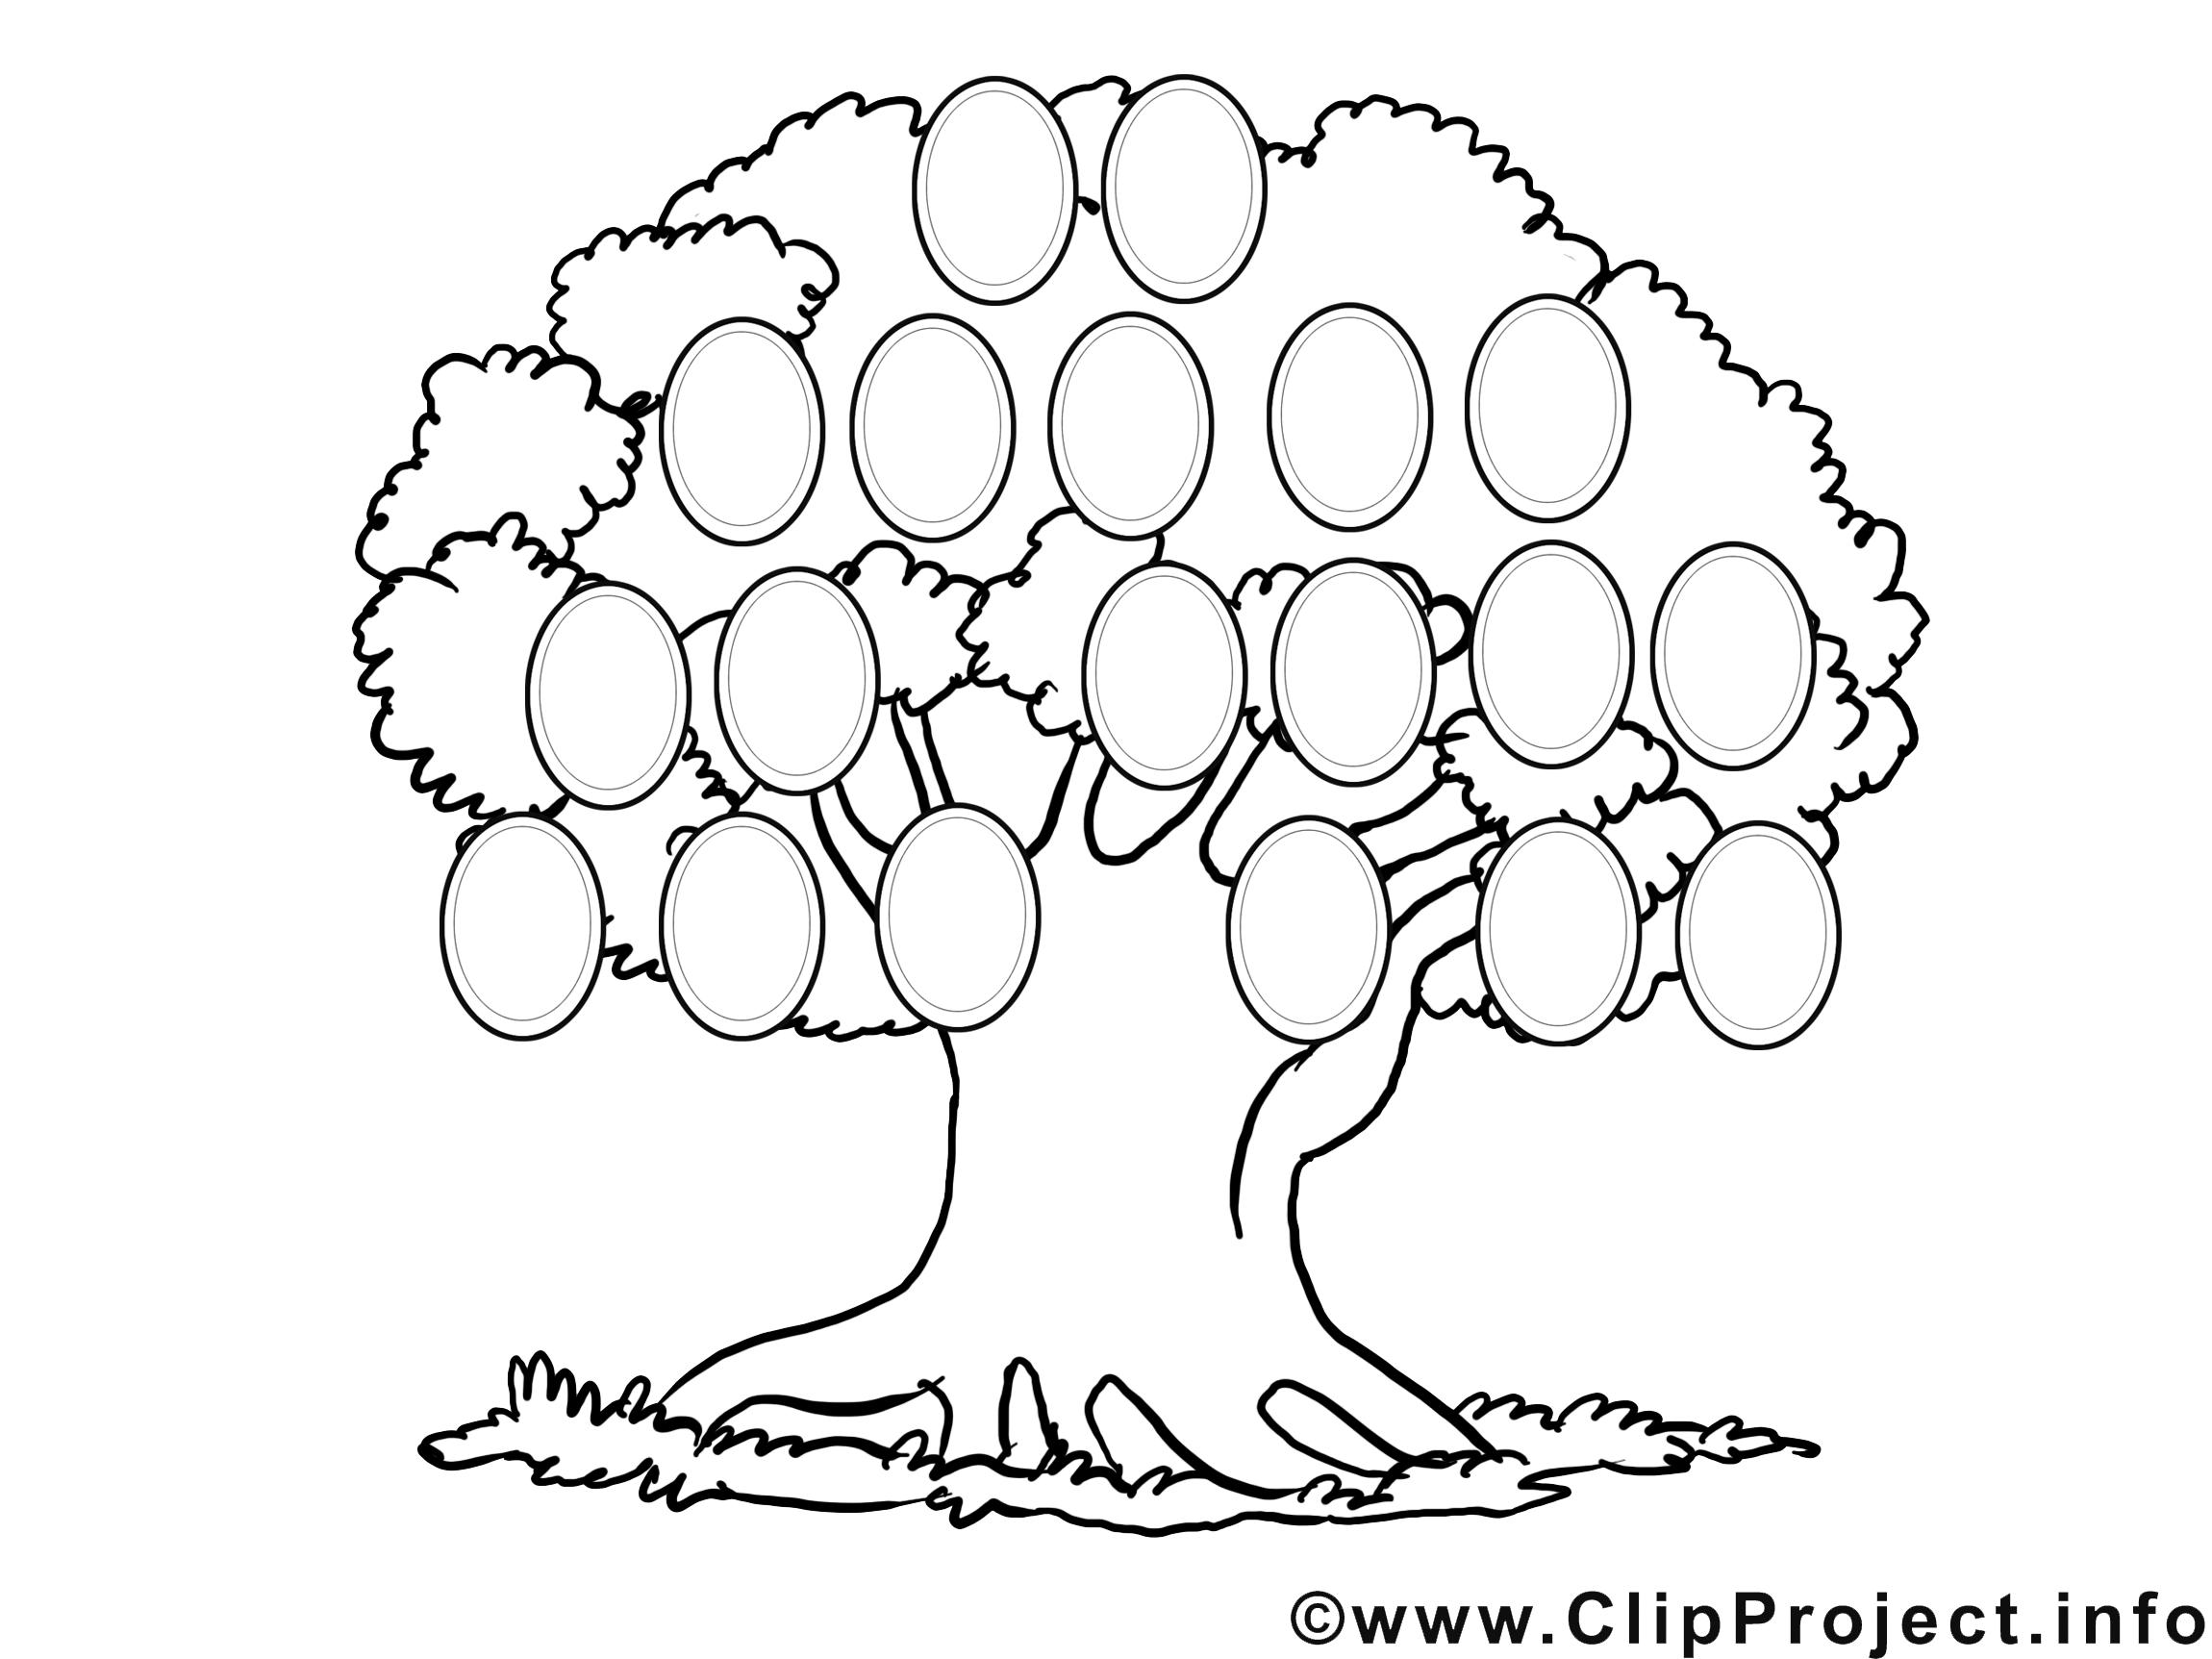 Stammbaum vorlage kostenlos for Stammbaum zum ausdrucken